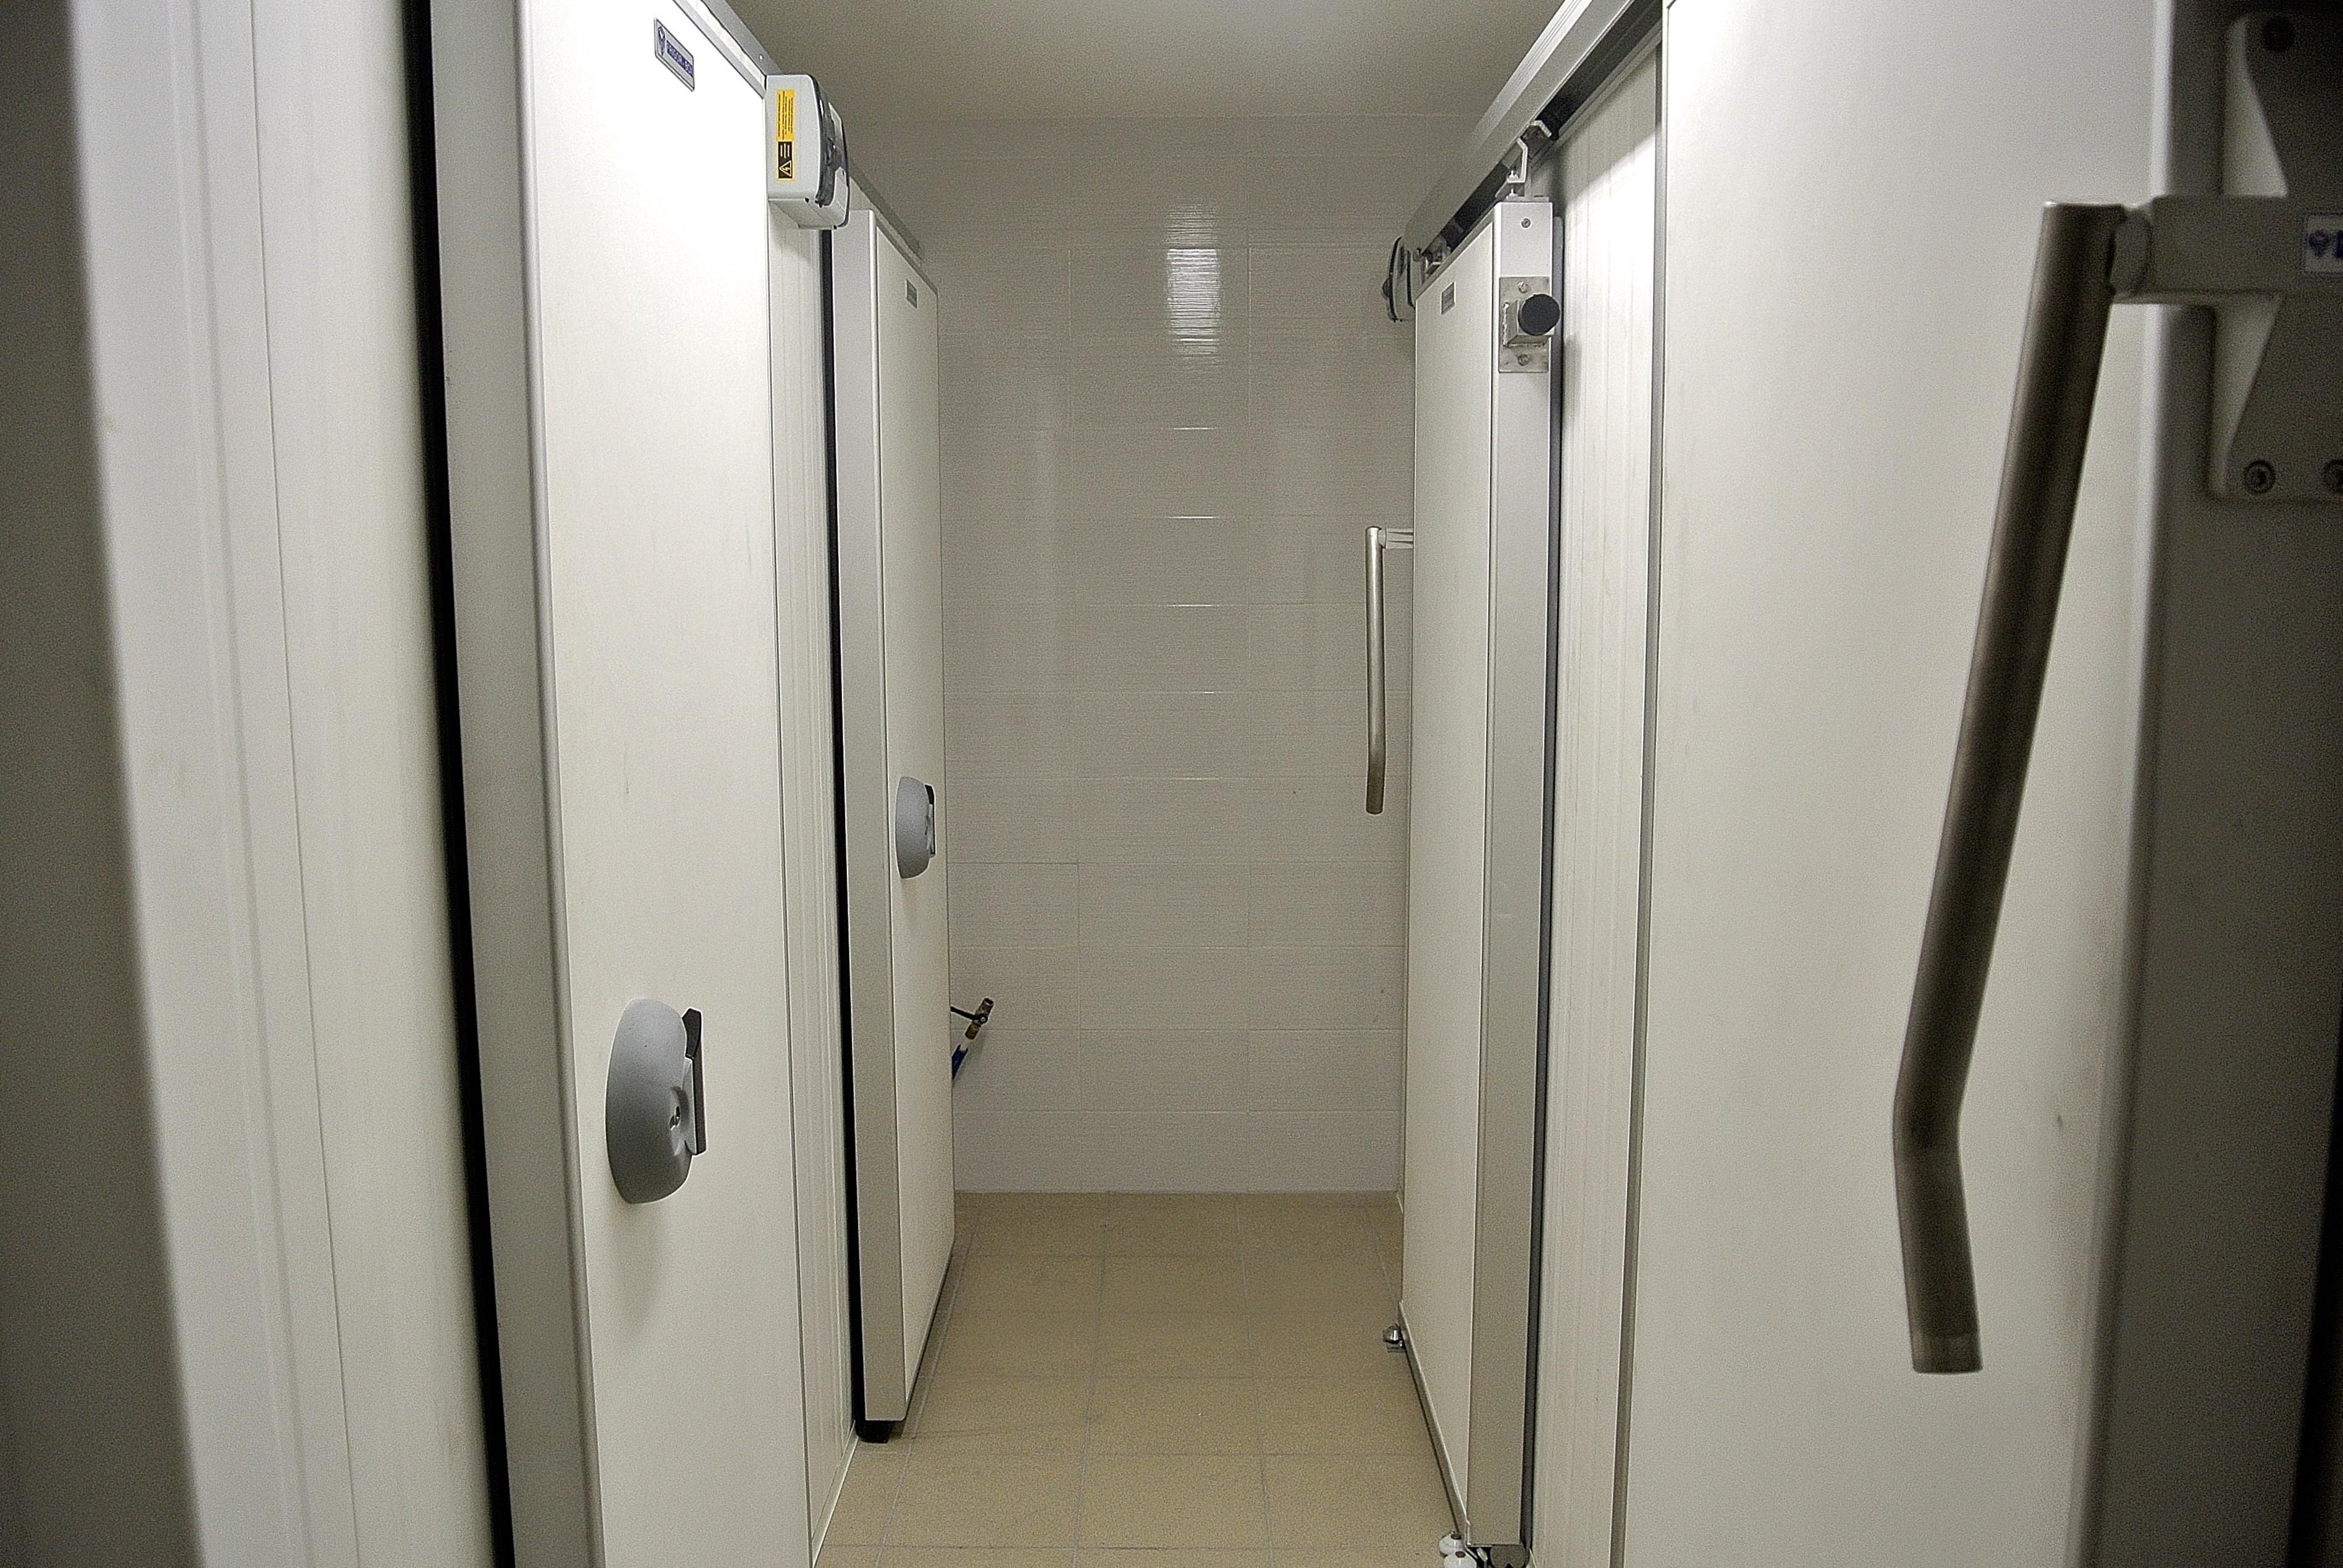 corridoio tra 4 celle con porte scorrevoli per ottimizzare gli spazi